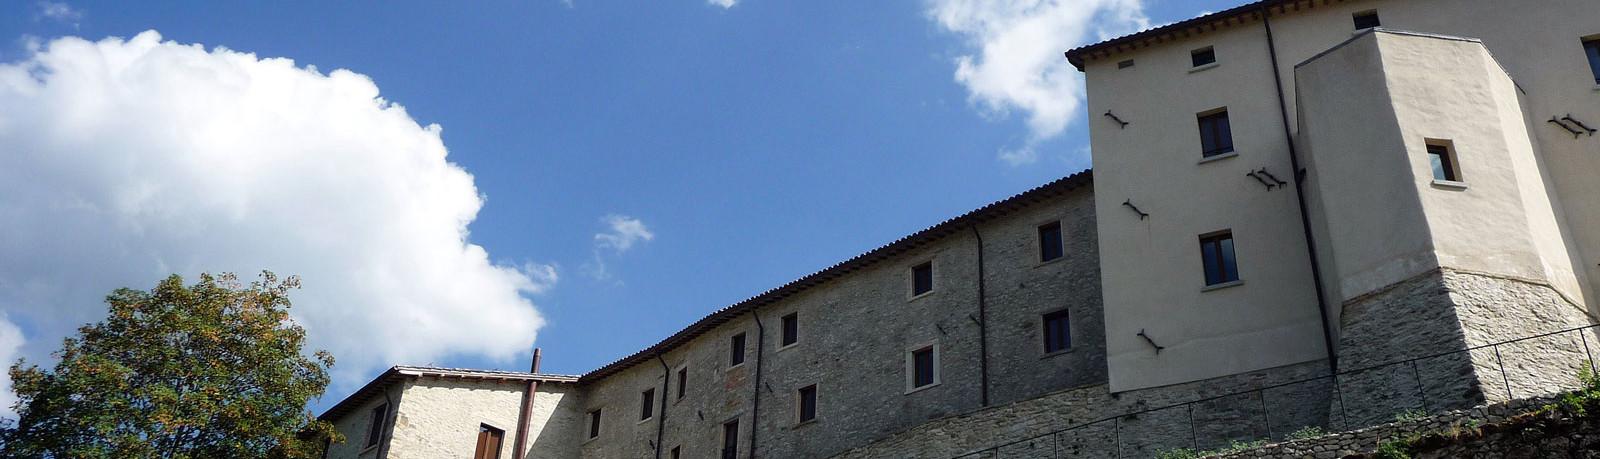 Archivio e Biblioteca diocesani Montefeltro